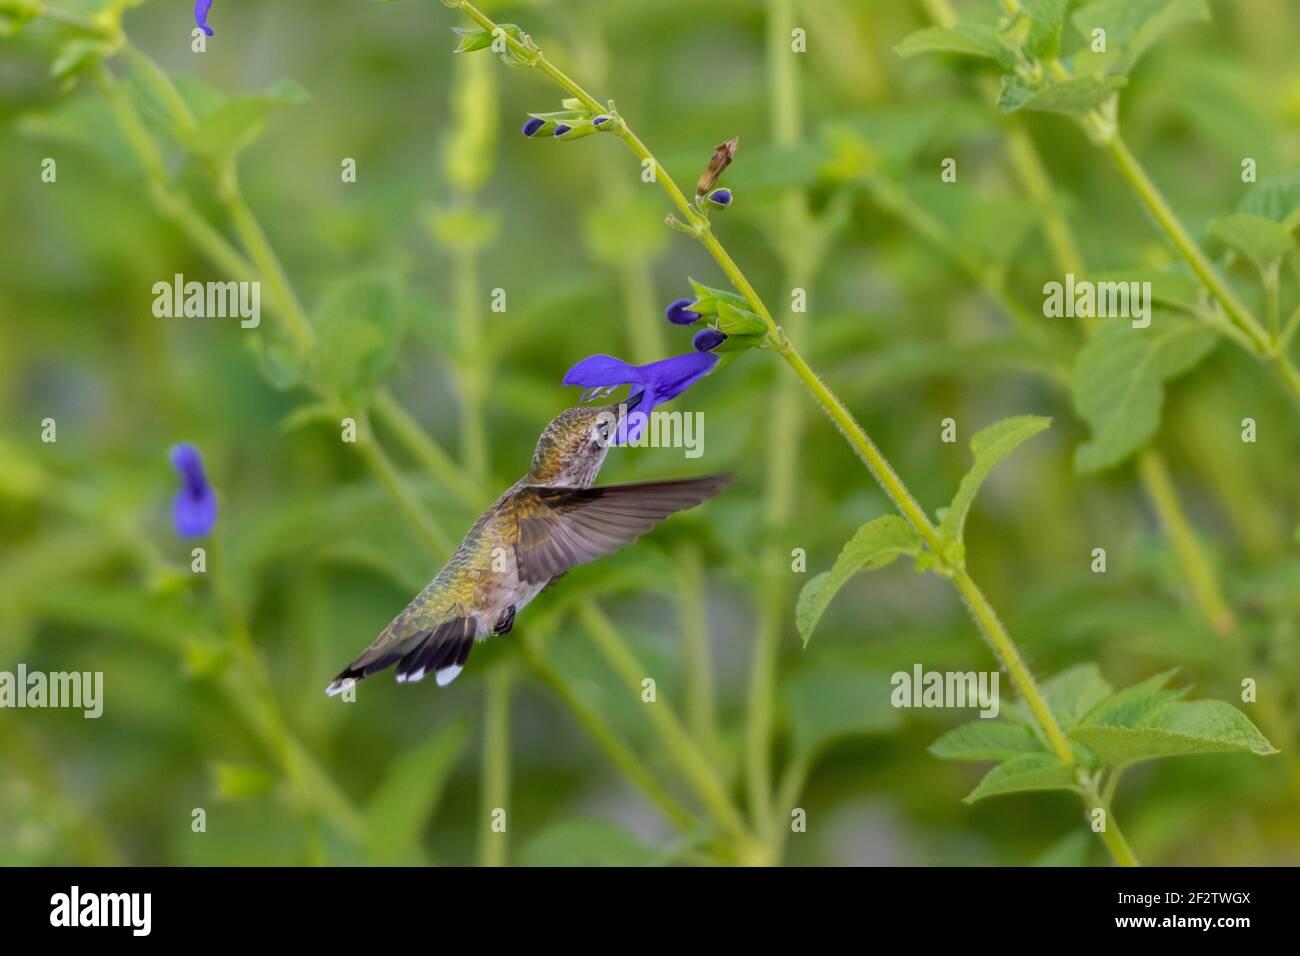 01162-15909 Hummingbird de garganta rubí (Archilochus colubris) en el Blue Ensign Salvia (Salvia guaranitica ' Blue Ensign') Marion Co. IL Foto de stock